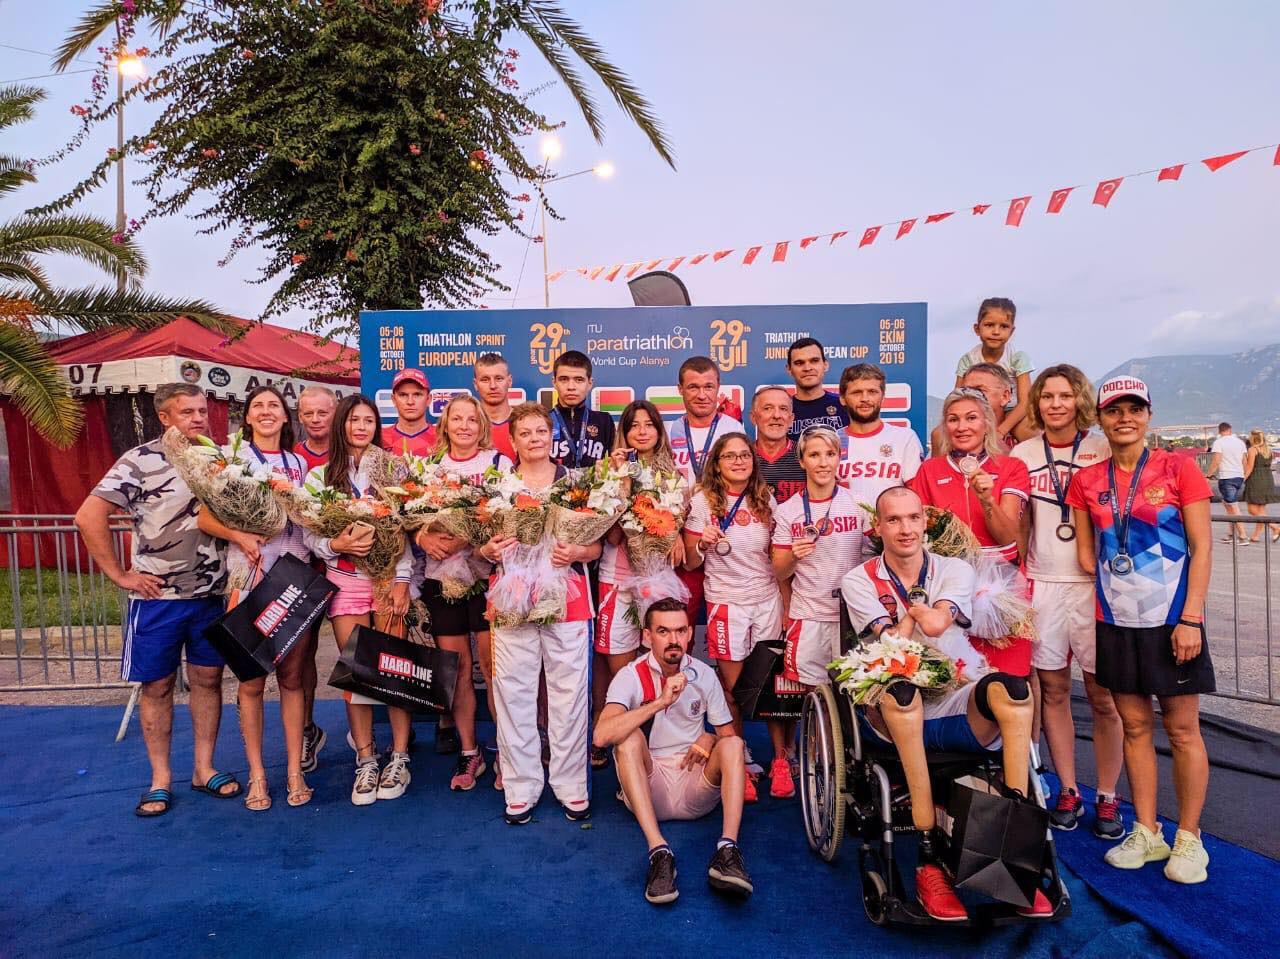 Сборная команда России по паратриатлону выиграла командный зачет Кубка мира в Турции